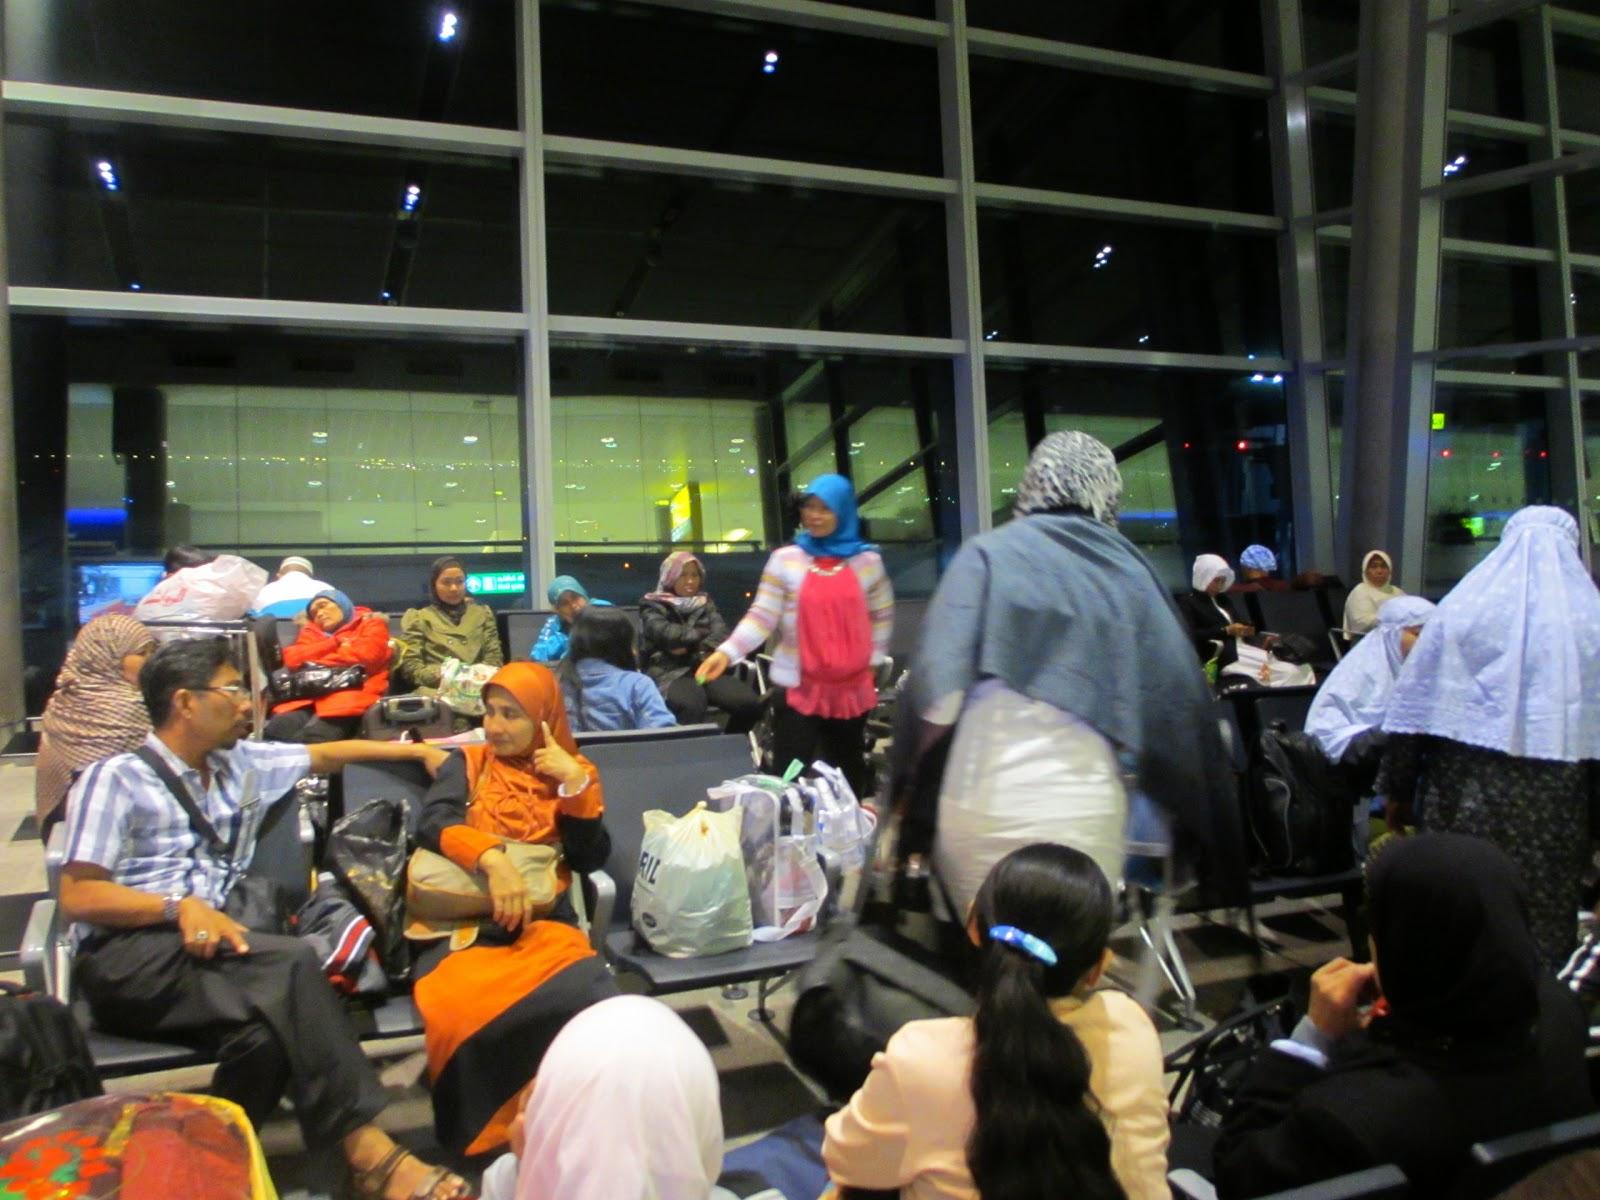 Biaya Paket Umroh 2015 Bandung Terbaik dan Terpercaya